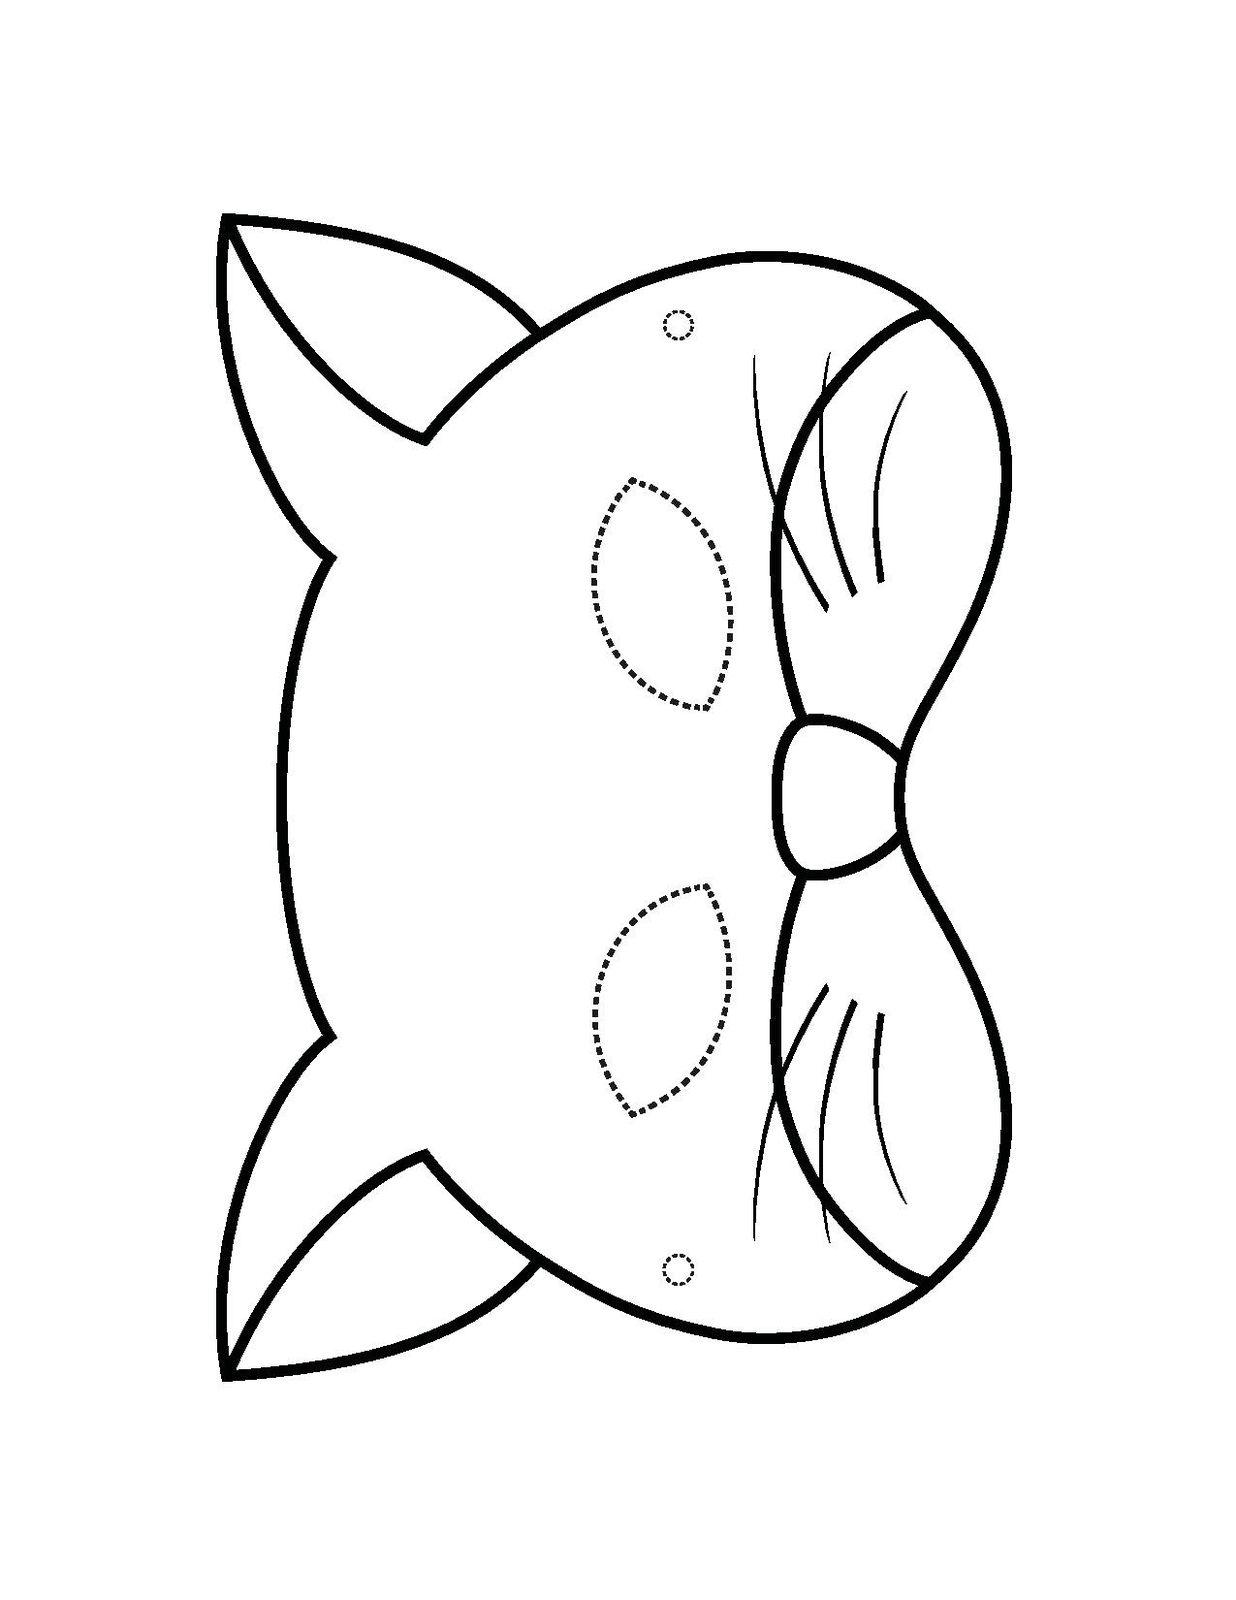 Смотреть Маска Медведя на голову из бумаги - распечатай шаблон бесплатно! видео